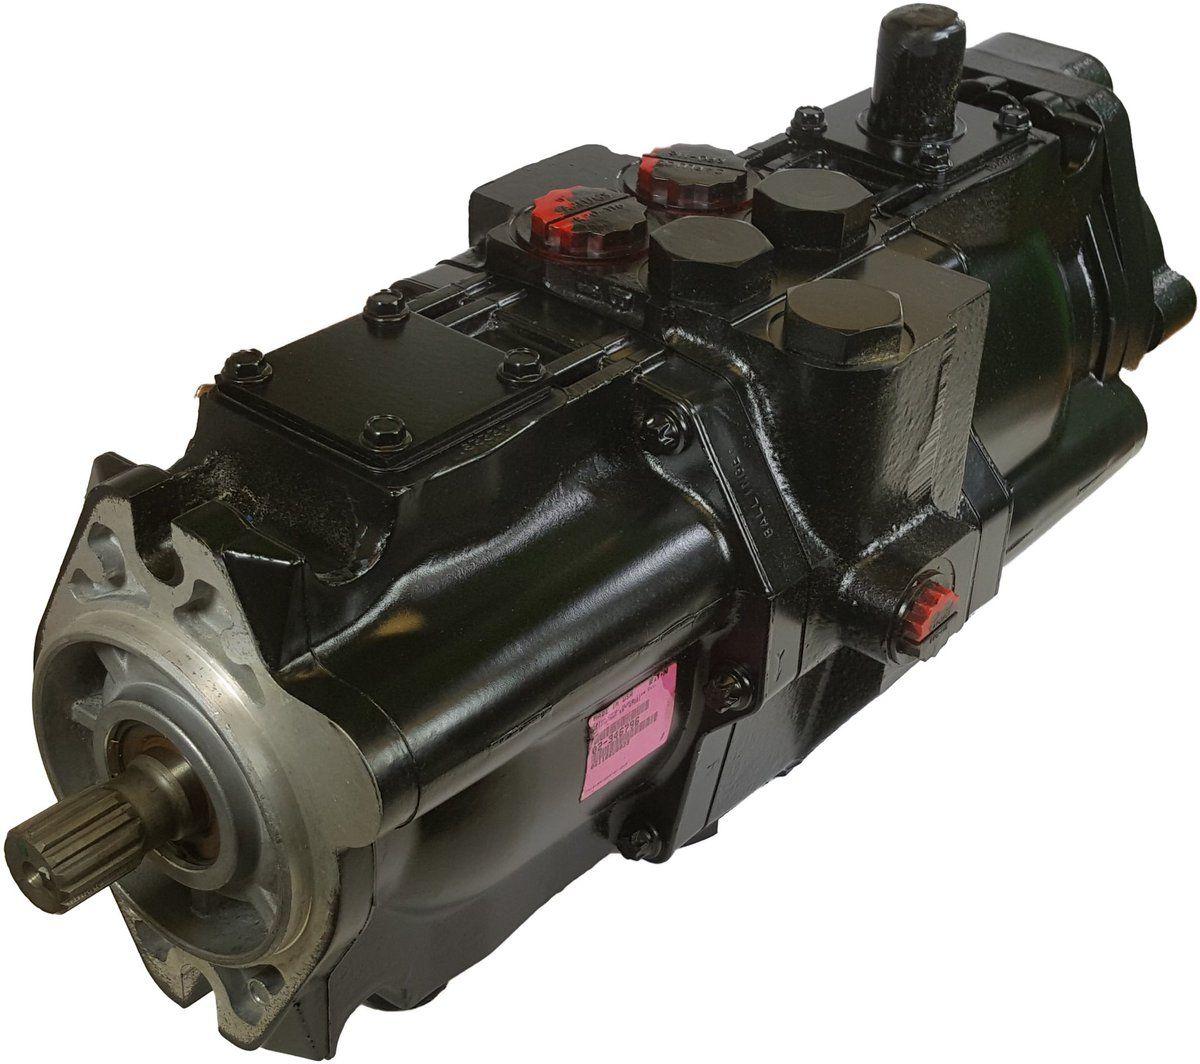 Vickers Hydraulic Pumps & Motors | Hydraulics | Hydraulic